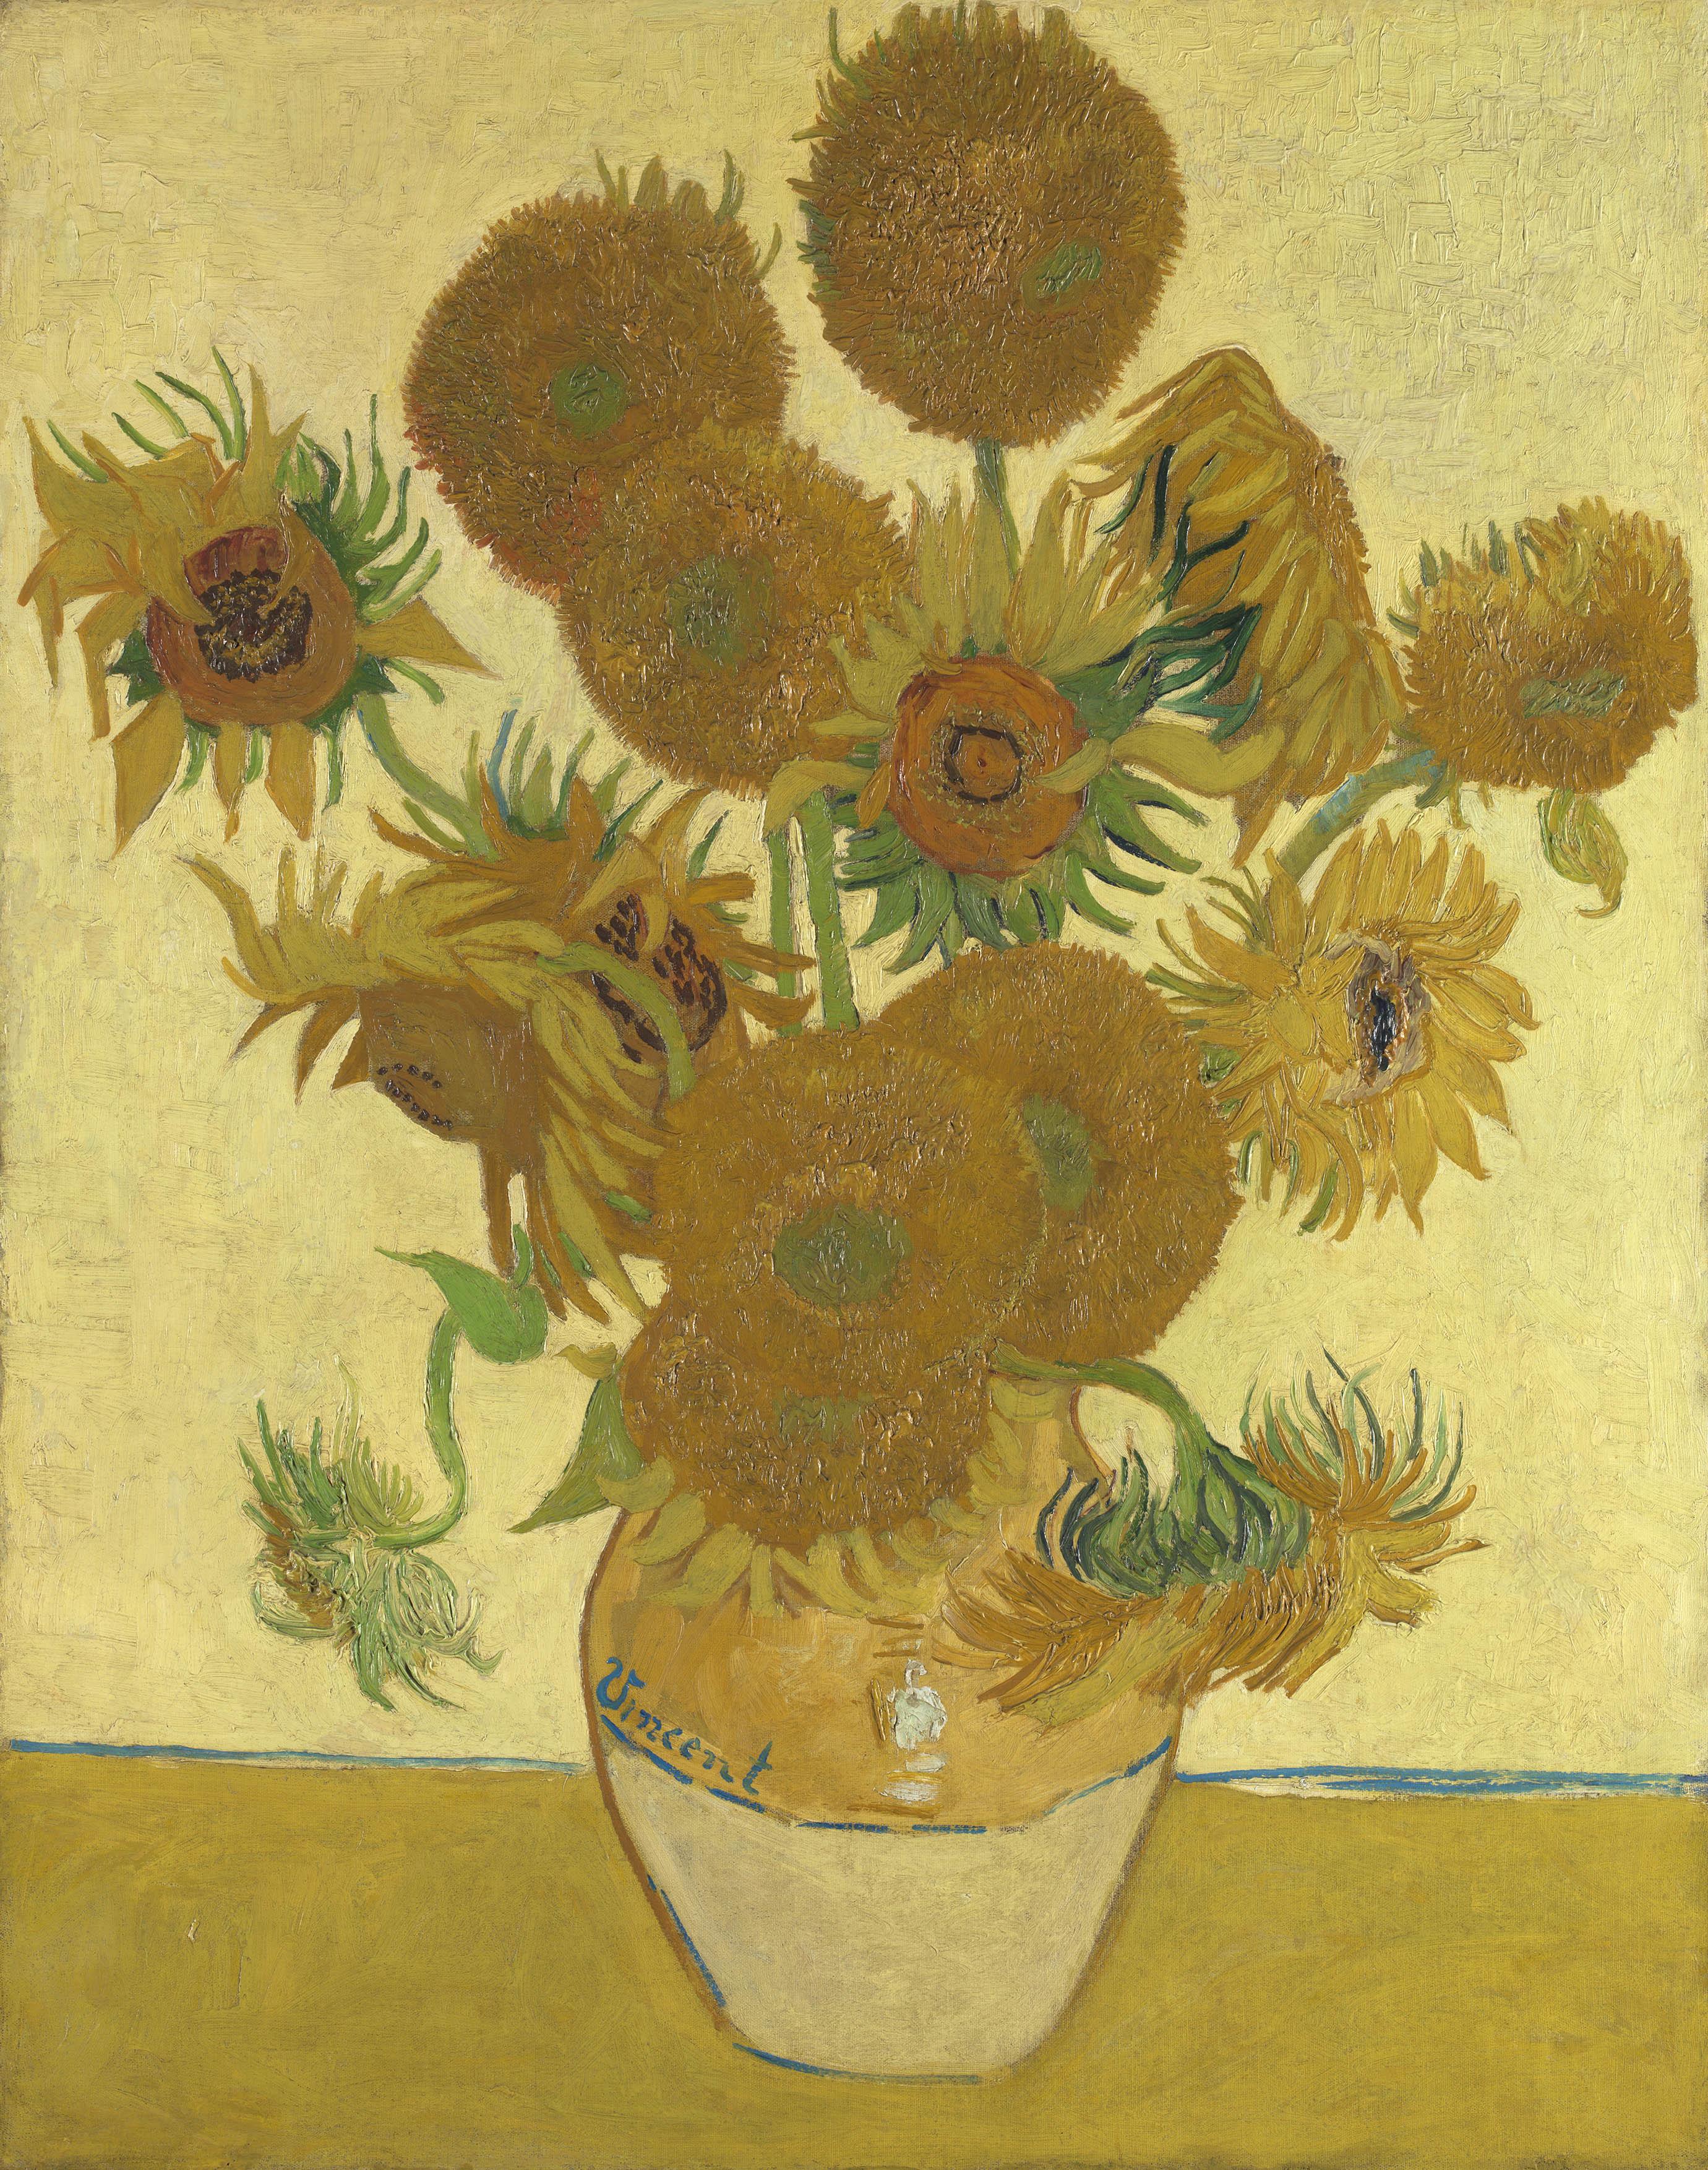 フィンセント・ファン・ゴッホ 《ひまわり》 1888年 油彩・カンヴァス 92.1×73cm  (C)The National Gallery, London. Bought, Courtauld Fund, 1924